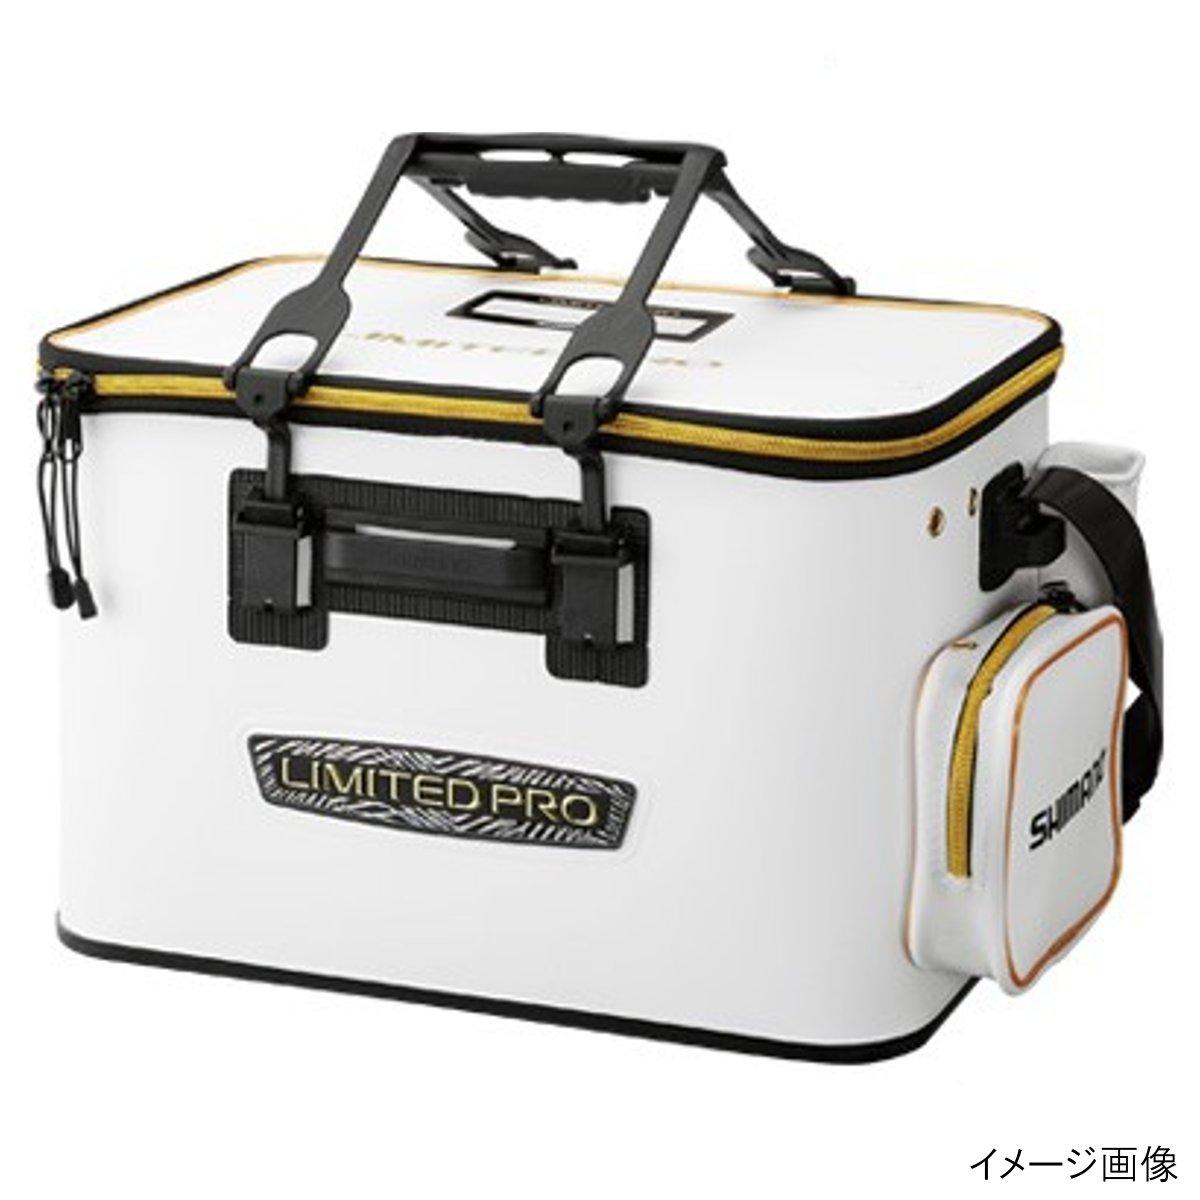 シマノ フィッシュバッカン LIMITED PRO(ハードタイプ) BK-121R 50cm リミテッドホワイト